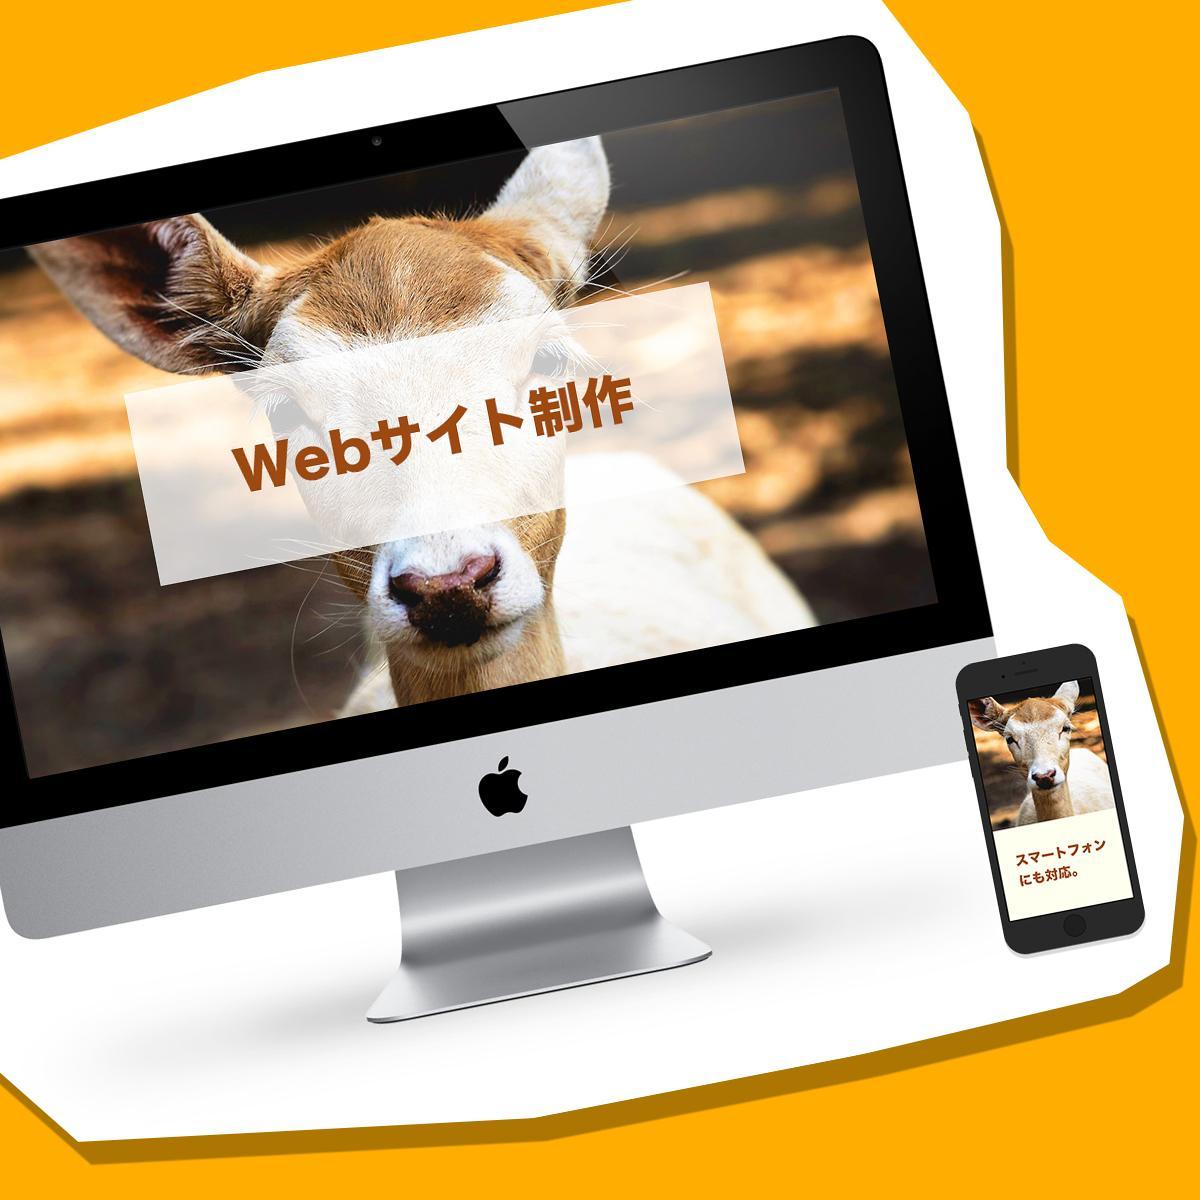 シンプルで見やすいWebサイト制作します 個人や中小企業様のホームページにぴったり。